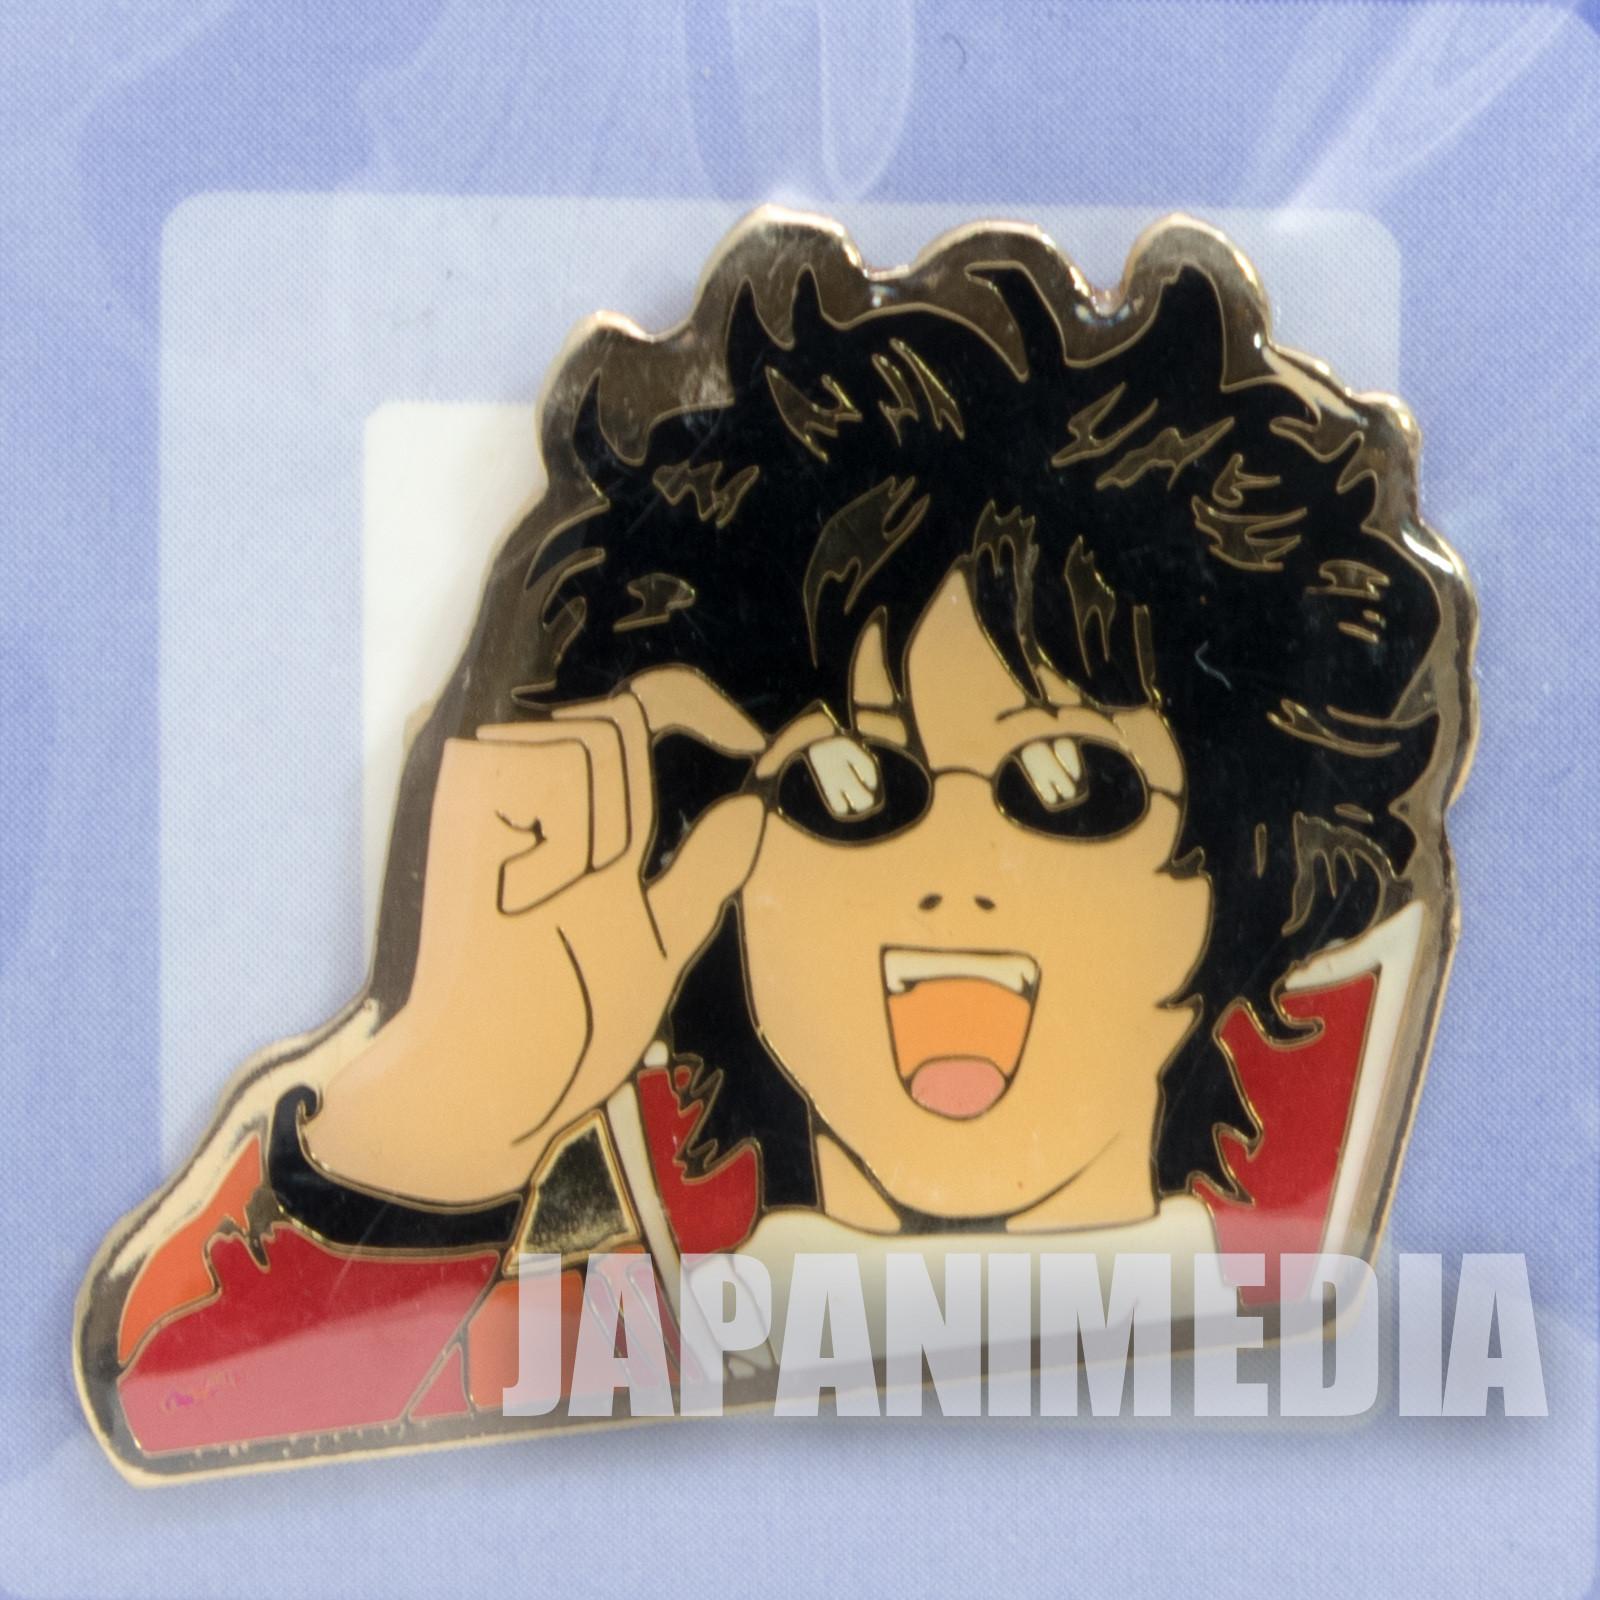 Gintama Tatsuma Sakamoto Weekly Jump Character Pins JAPAN ANIME MANGA